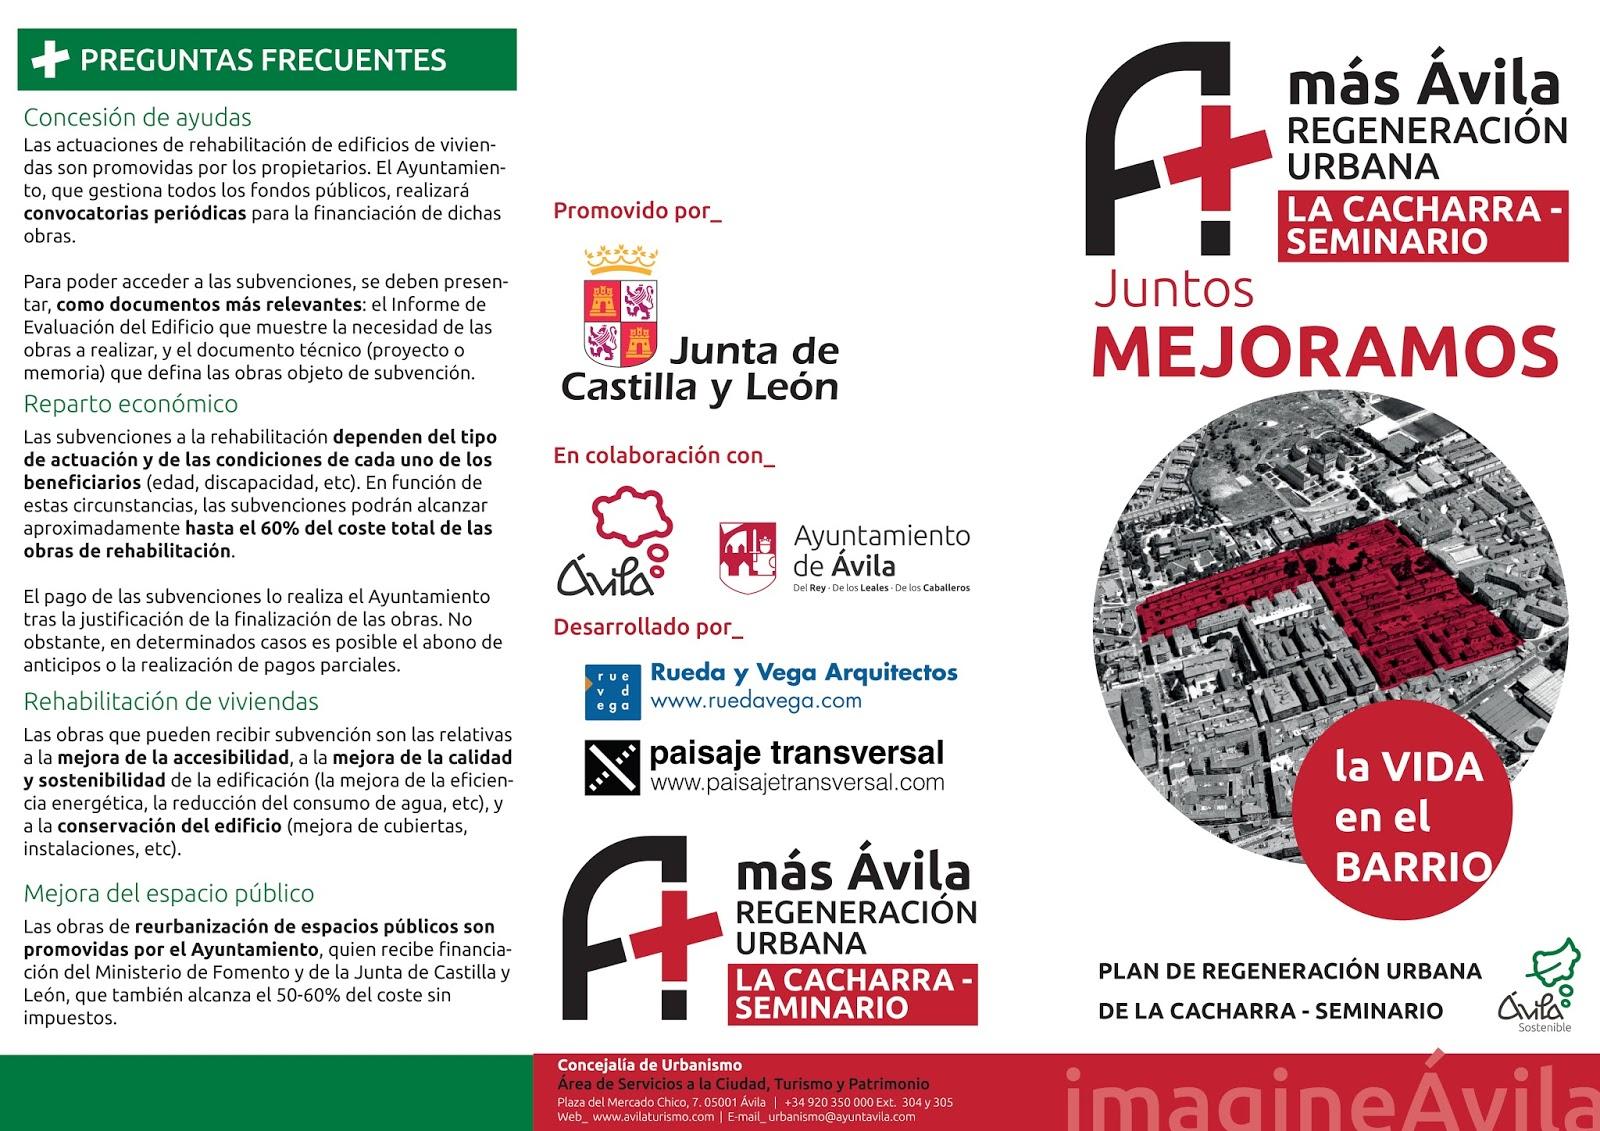 ... que deberá ser revisada y tramitada por el Ayuntamiento de Ávila en  último lugar. Un punto y seguido para continuar la regeneración urbana de   másÁvila 84f11c97994c3